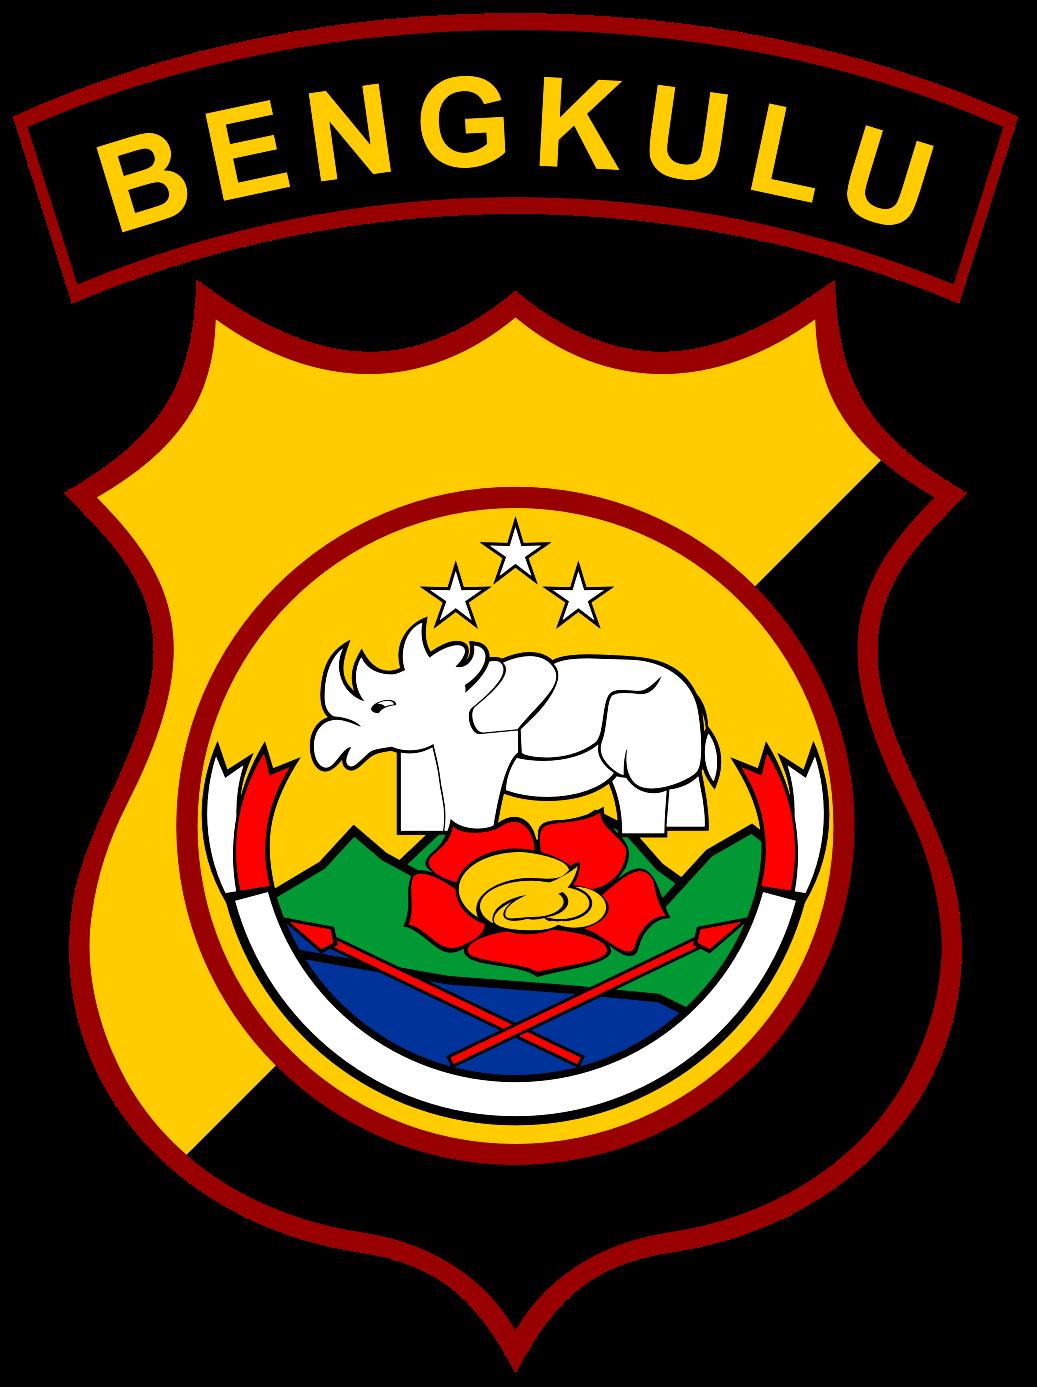 Logo Polda Bengkulu - Ardi La Madi's Blog